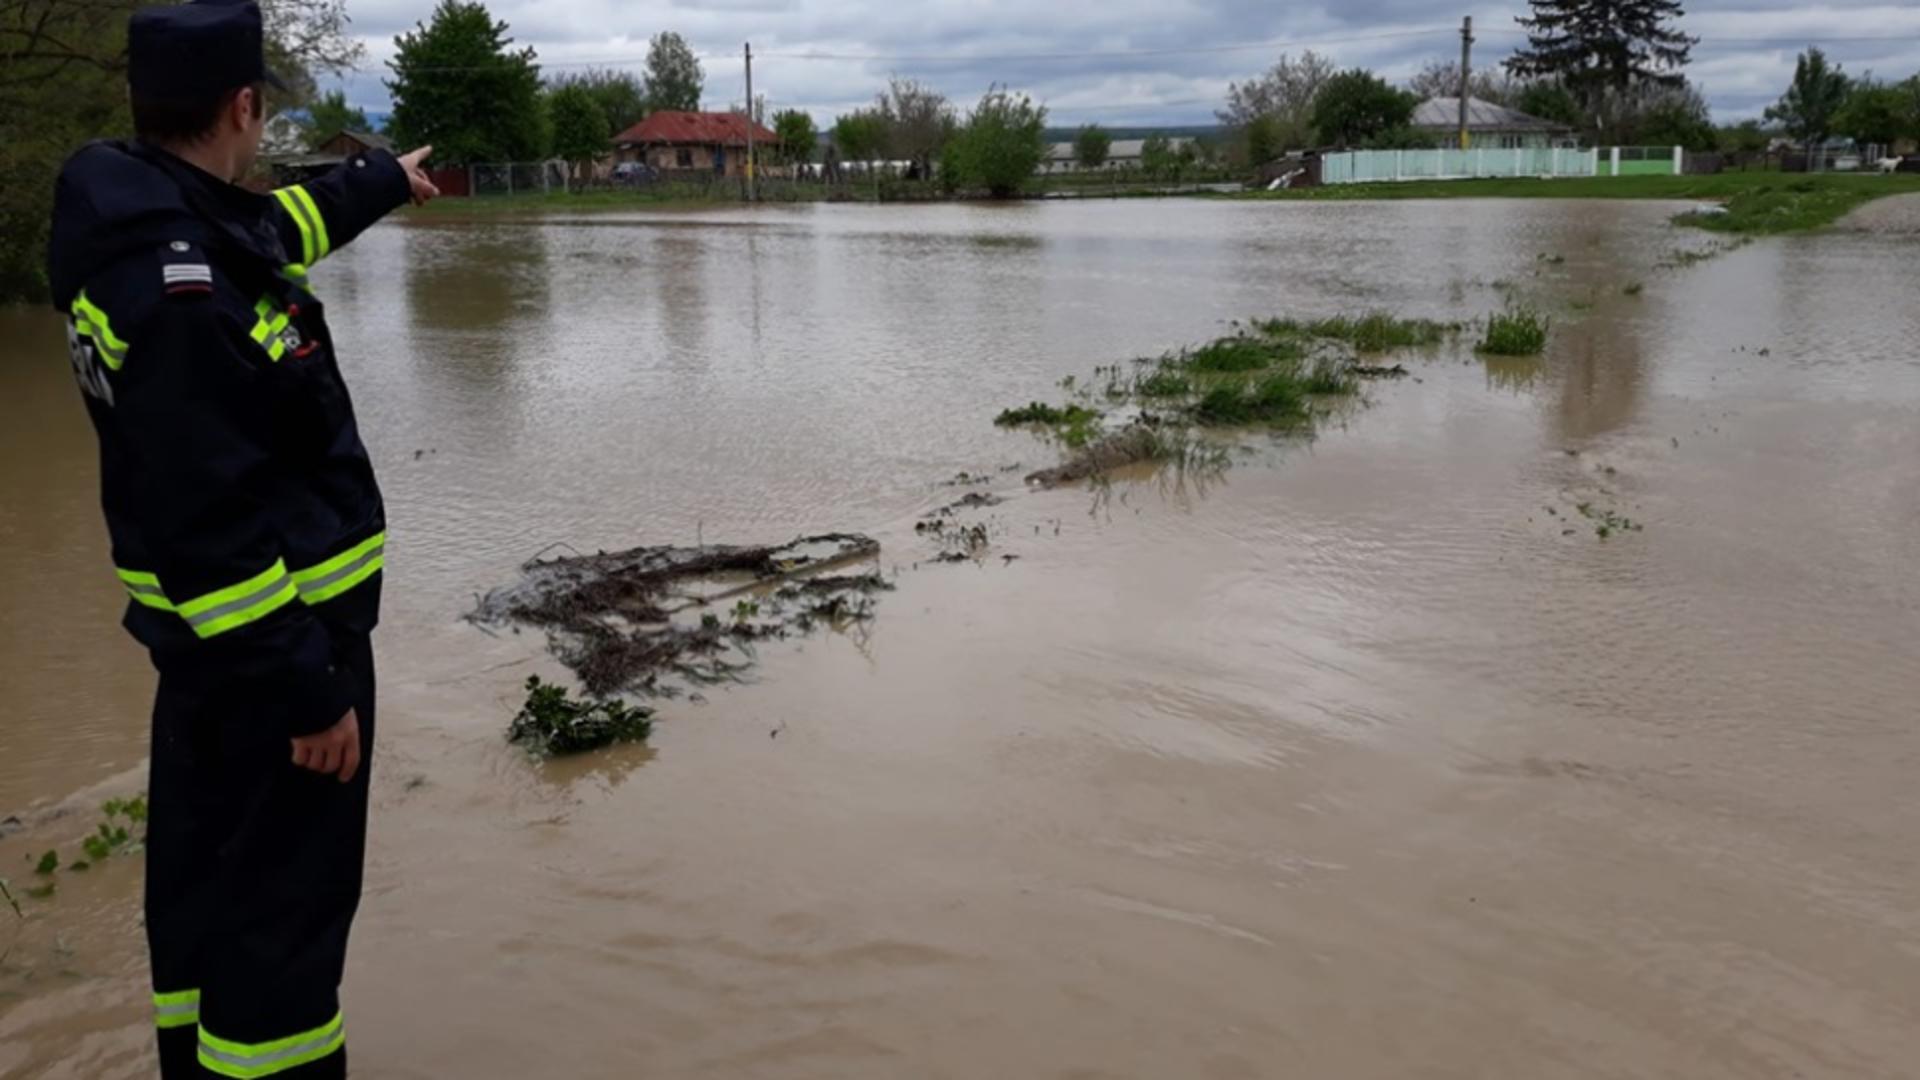 Hidrologii au emis o atenționare cod galben de inundații / Foto: Arhivă ISU